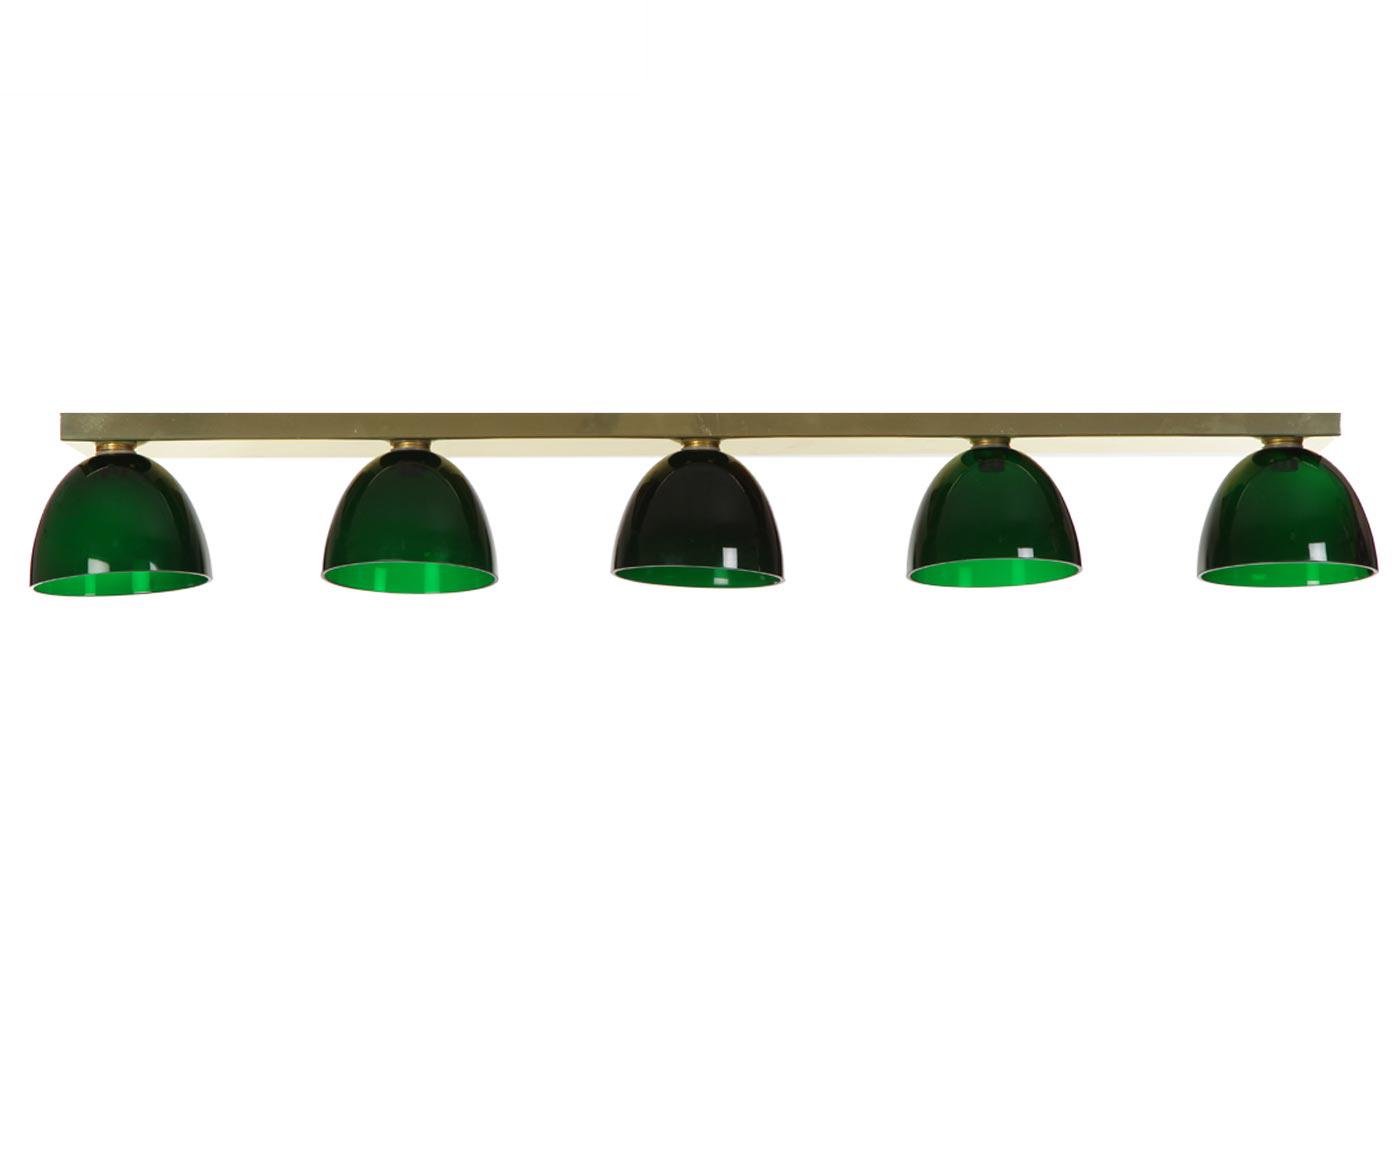 Дизайнерский подвесной светильникПодвесные светильники<br>&amp;lt;div&amp;gt;Под лампу 12 вольт / 50 ватт или лампу LED (12 вольт), рассчитан на 5 ламп.&amp;lt;/div&amp;gt;&amp;lt;div&amp;gt;Напряжение 12V , электронный трансформатор в комплекте.&amp;lt;/div&amp;gt;&amp;lt;div&amp;gt;Длину подвеса можно регулировать.&amp;lt;/div&amp;gt;<br><br>Material: Металл<br>Width см: 94<br>Depth см: 7<br>Height см: 210<br>Diameter см: 12,8